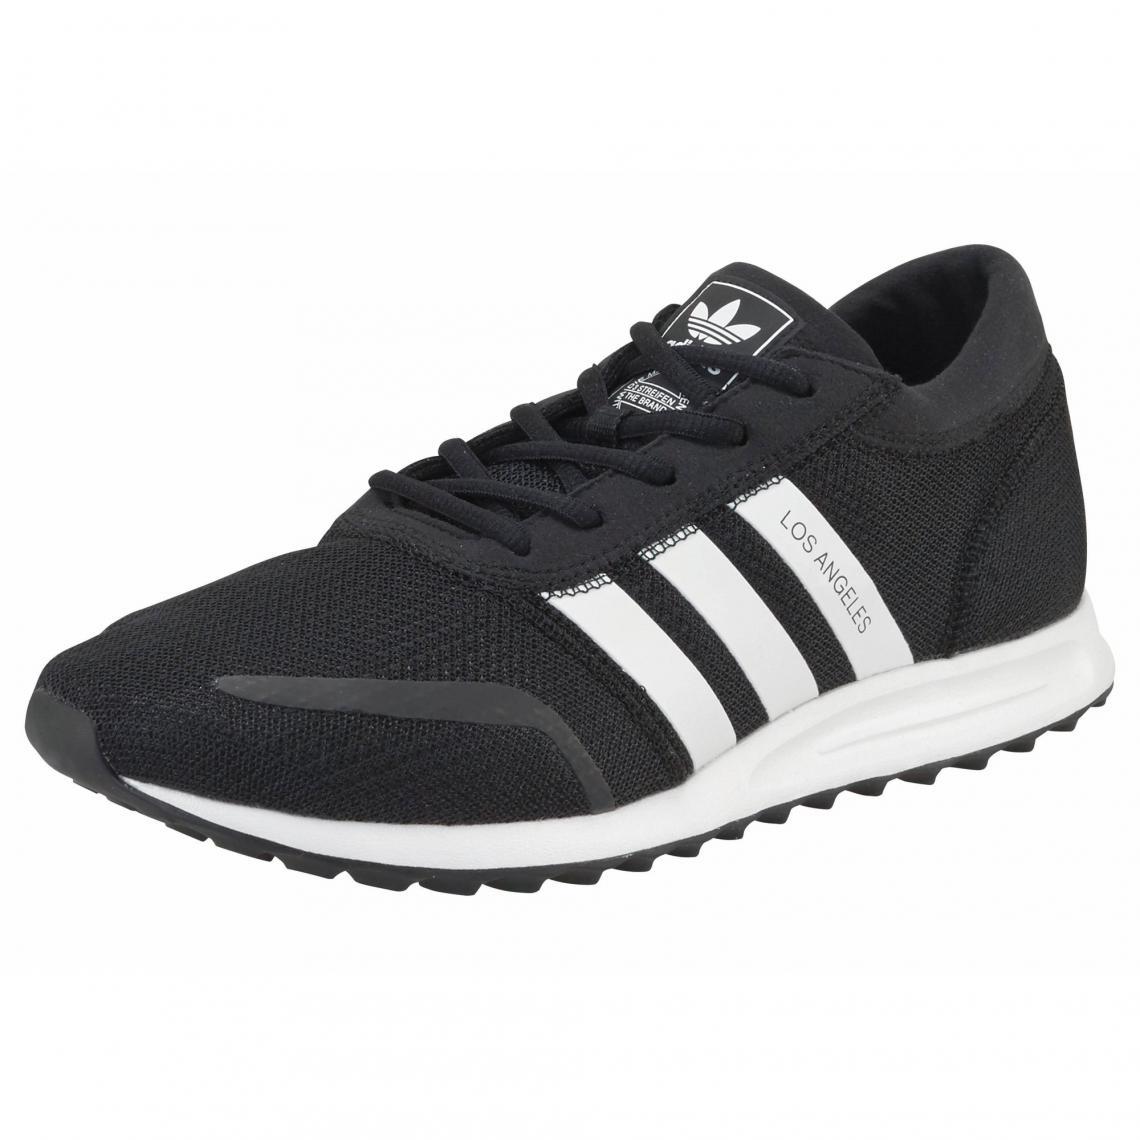 92b8bc54f6 Chaussures Los Noir Sport Originals Angeles Adidas De Pour Homme wqpO1F